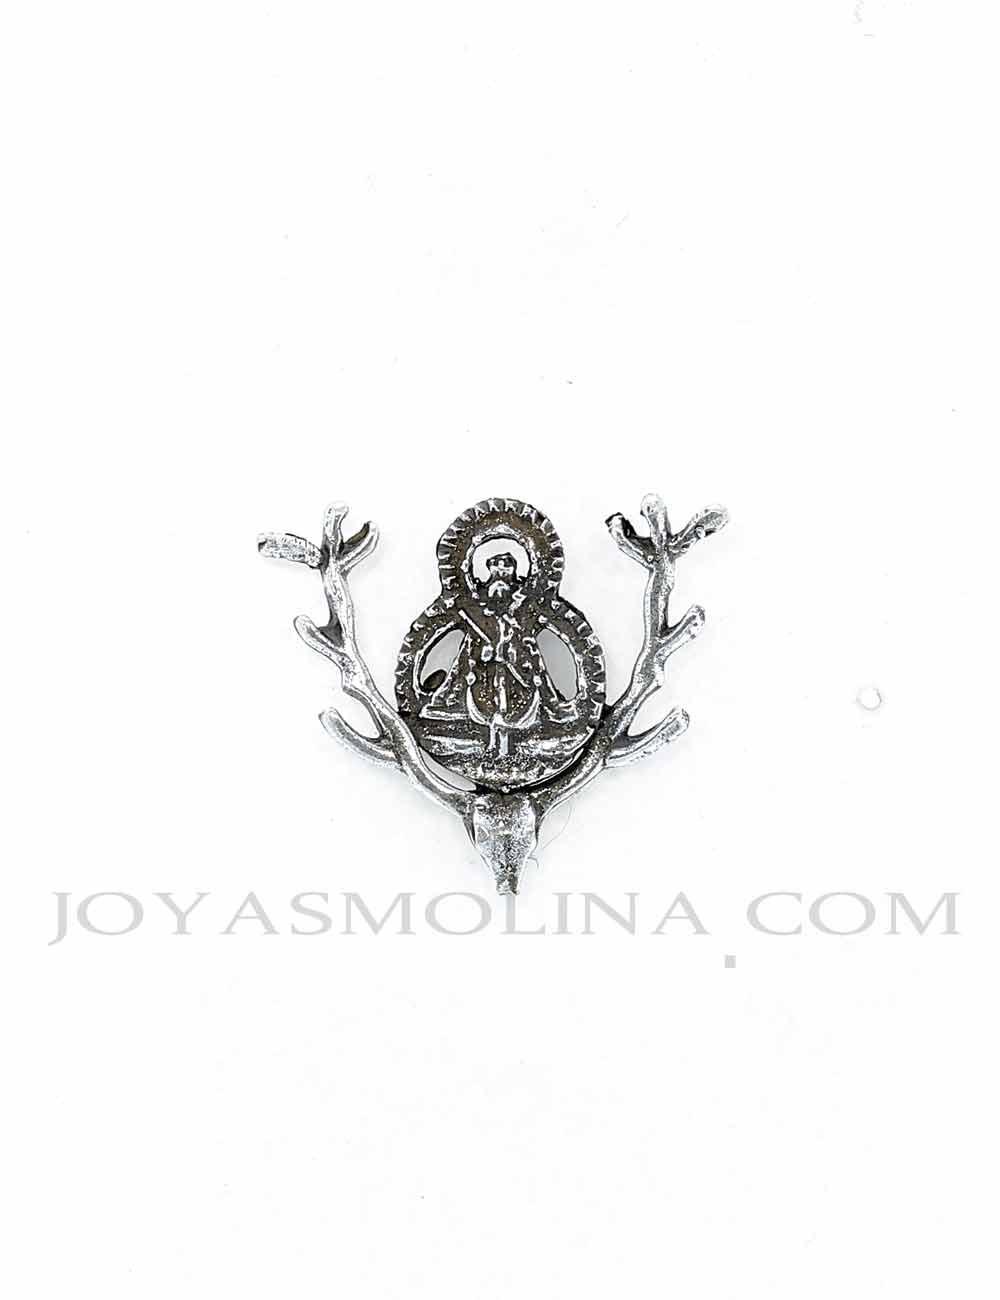 Pin Virgen de la Cabeza cuernas ciervo plateado